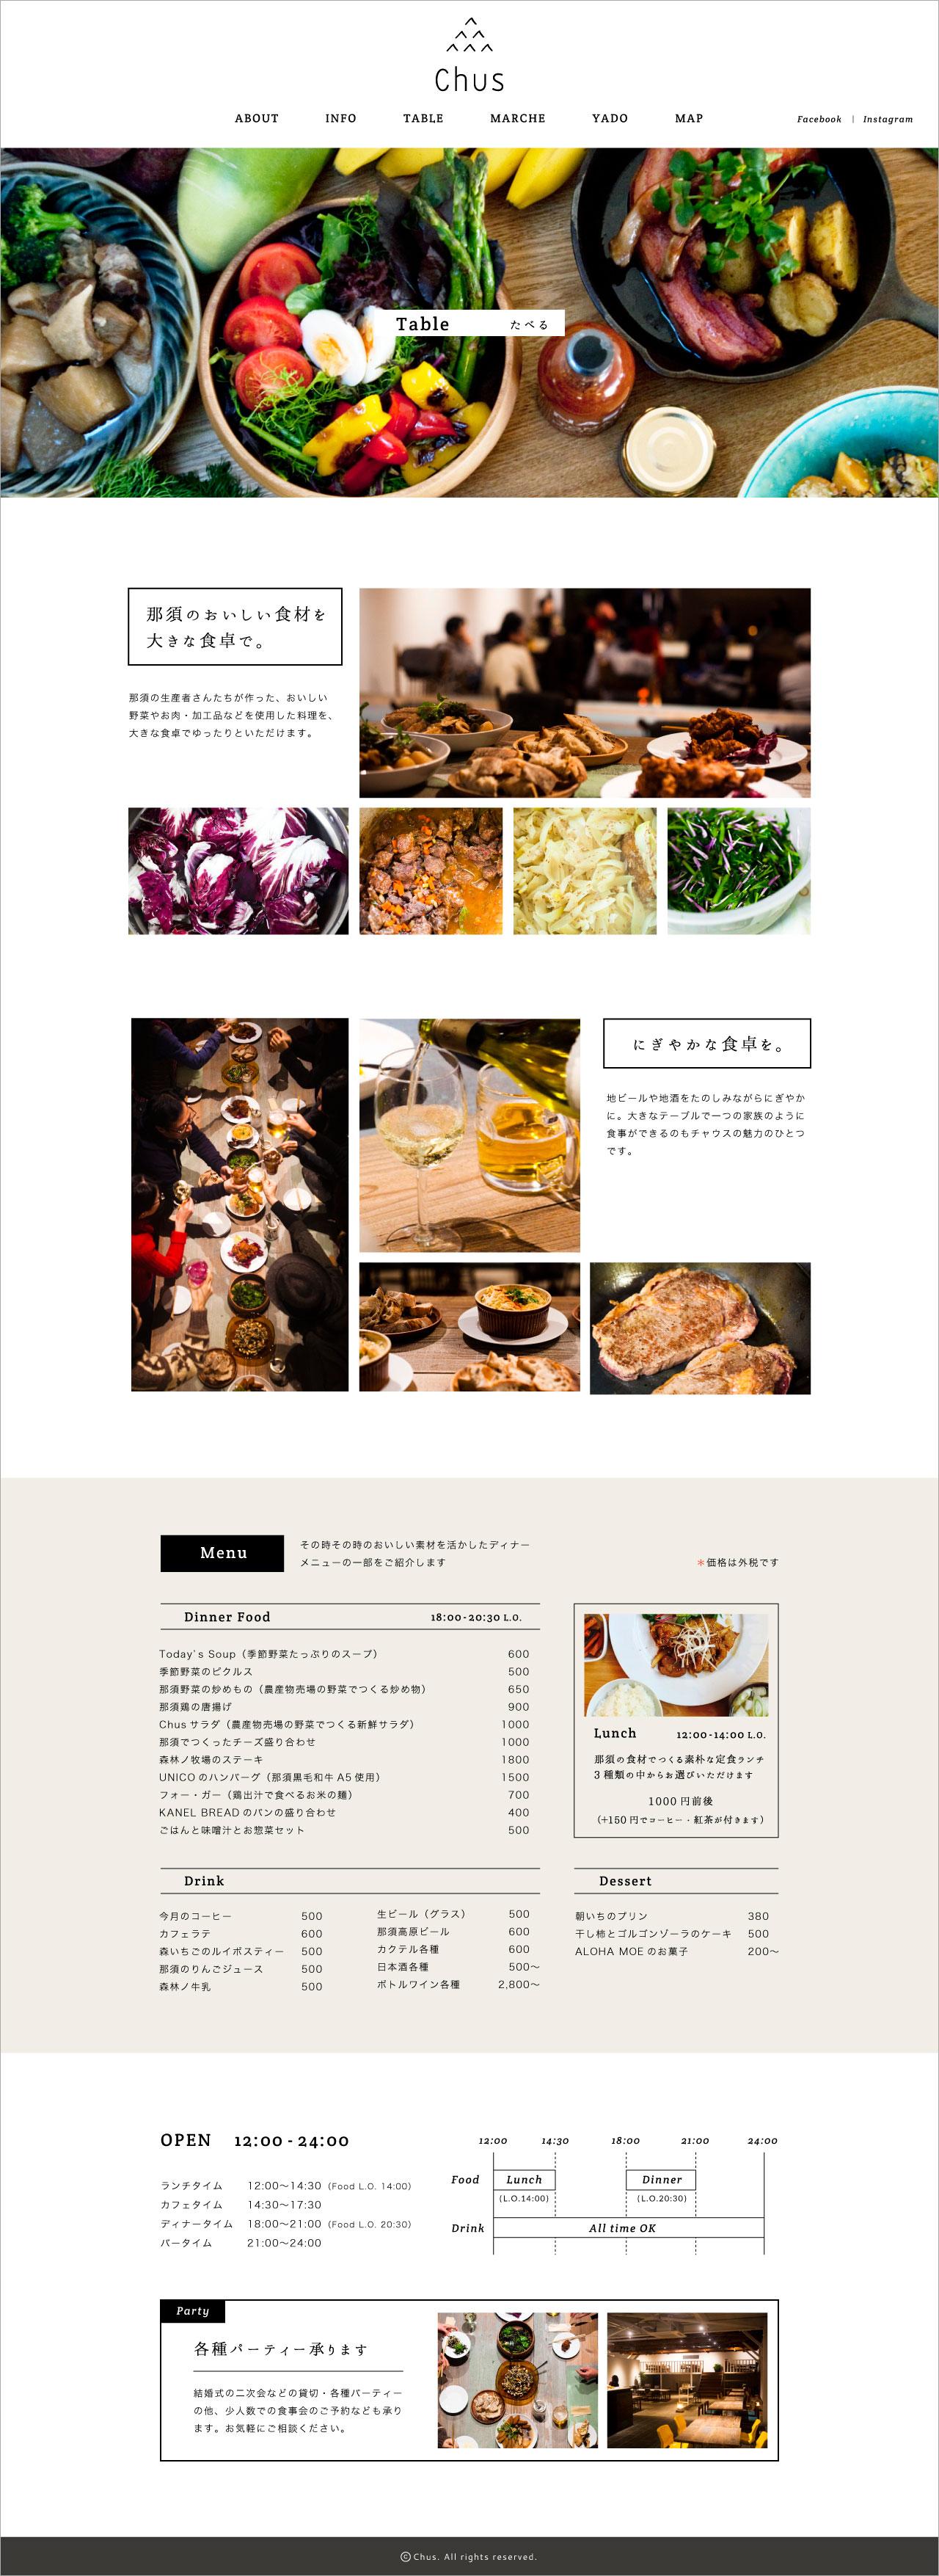 カフェ飲食店のホームページ制作 - アルニコデザイン